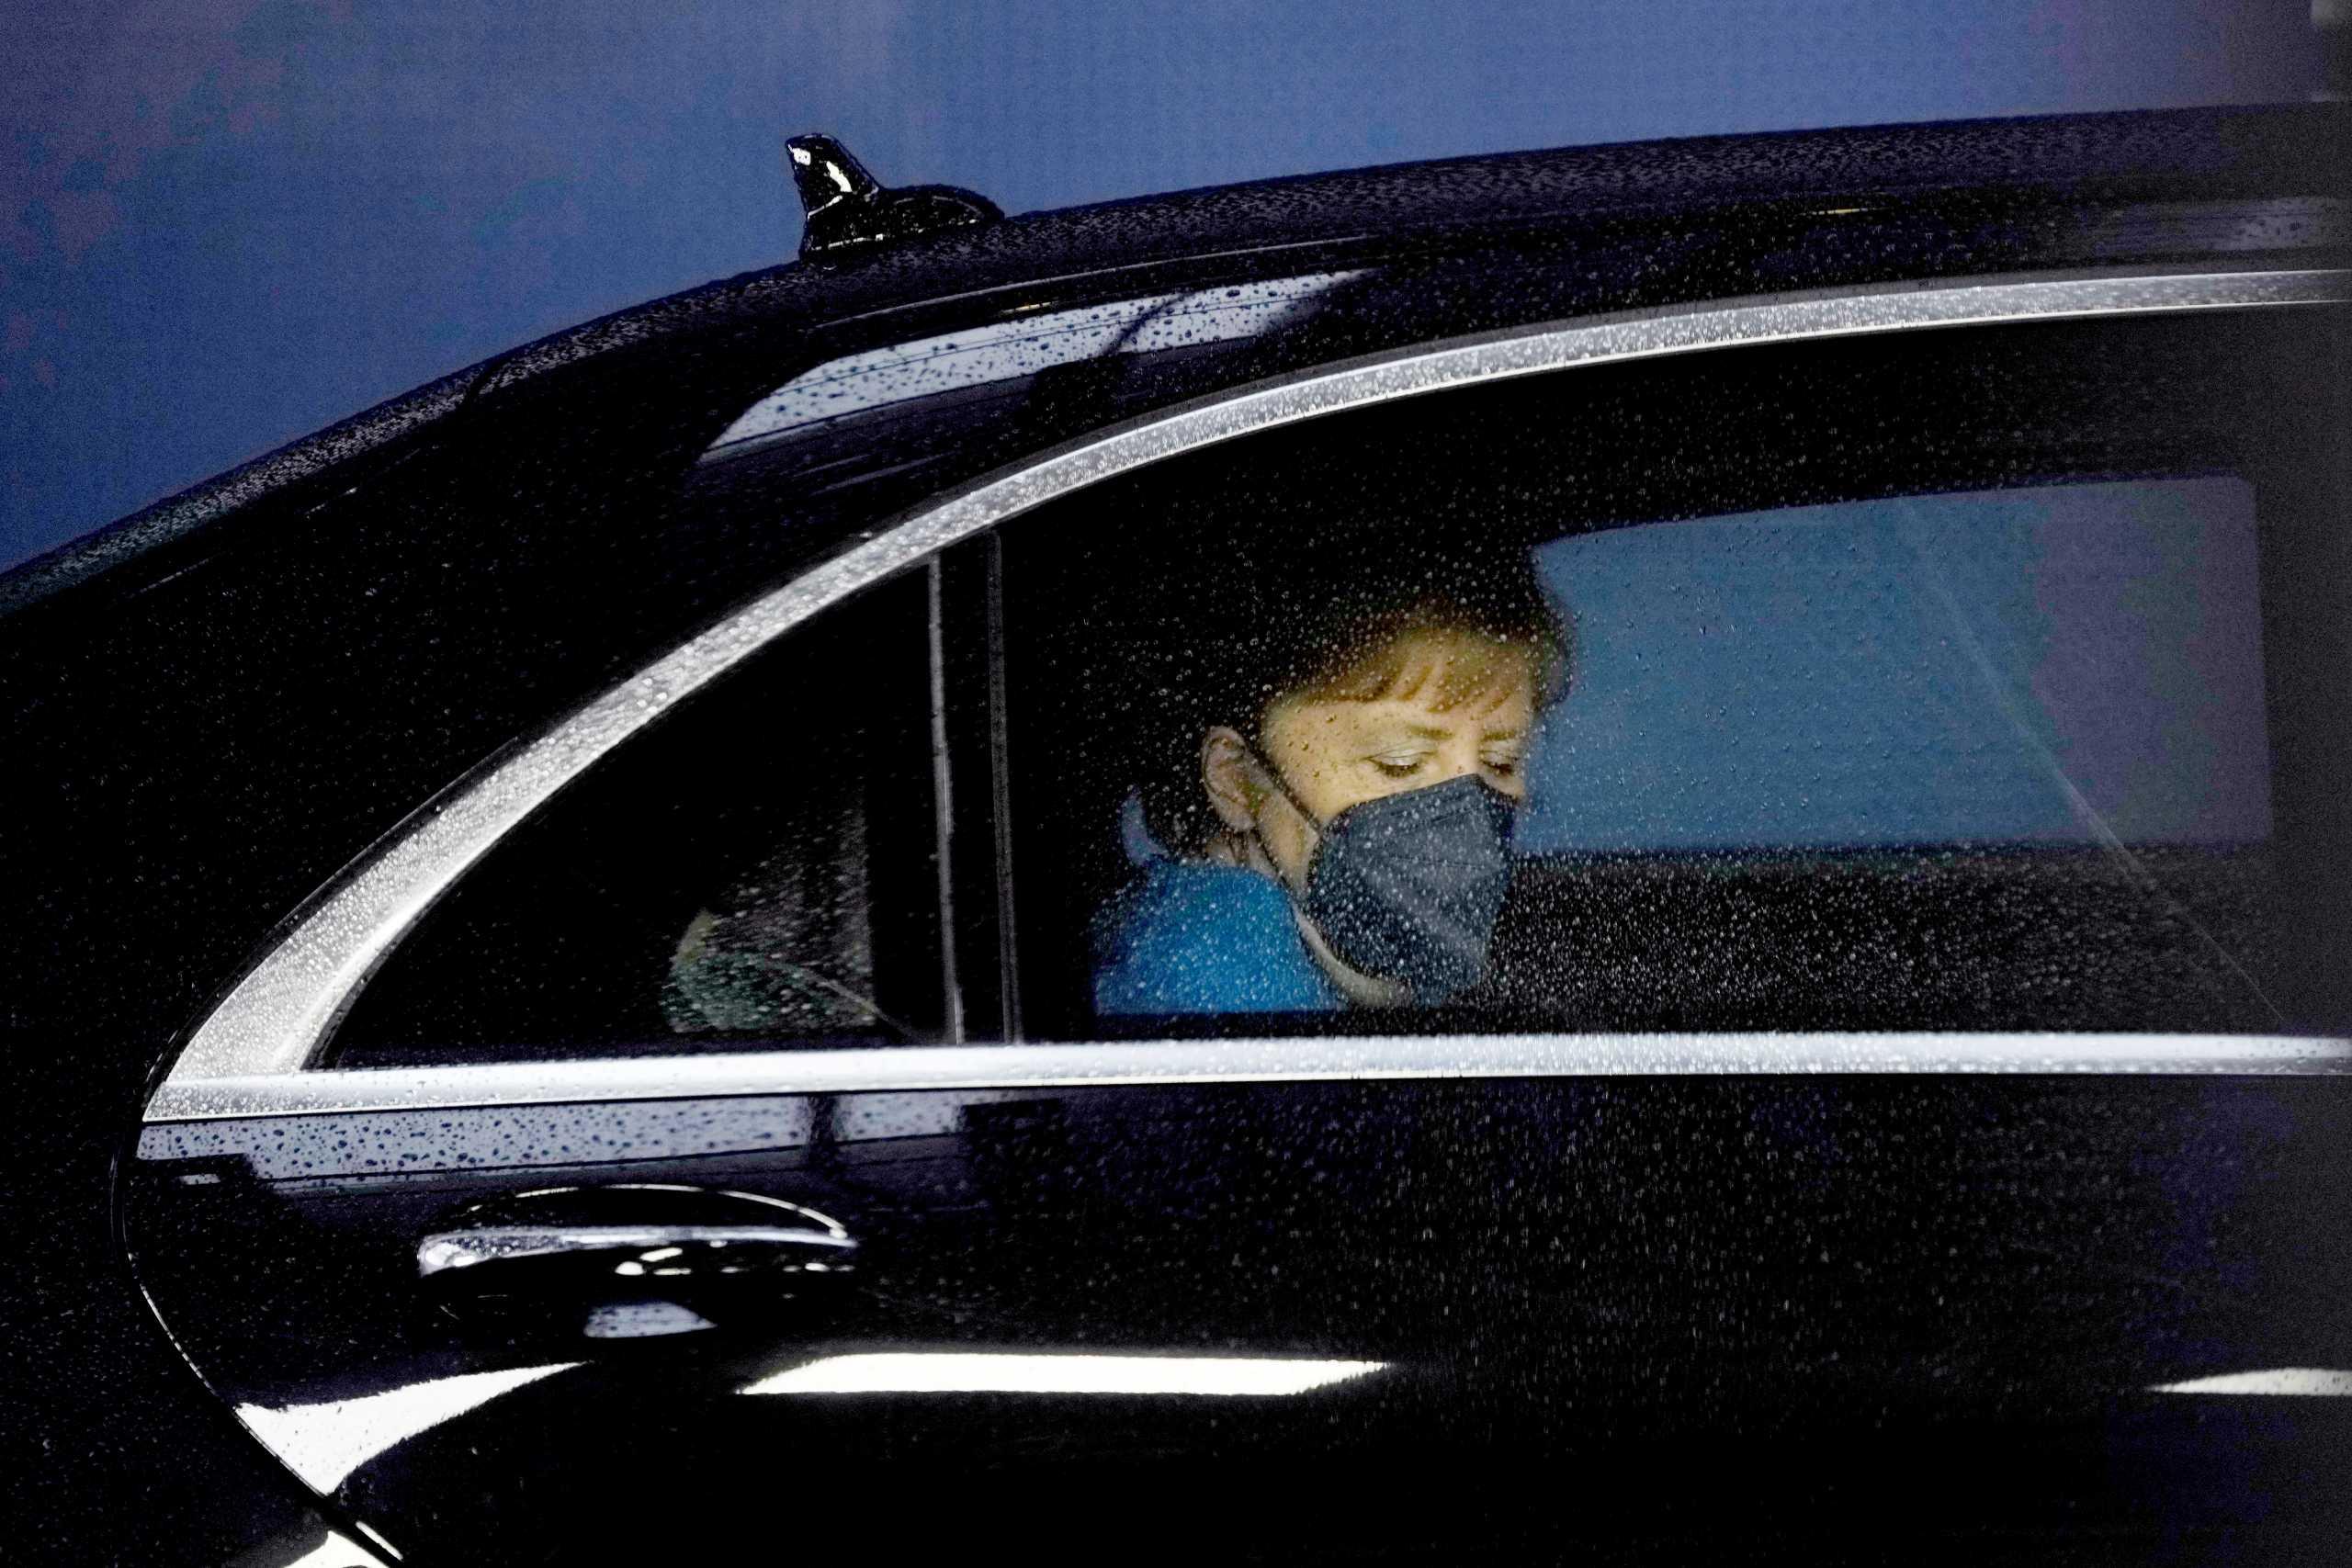 Γαλλία: «Εξαιρετικά σοβαρή», αν αποδειχθεί, η κατασκοπία Ευρωπαίων από ΗΠΑ και Δανία